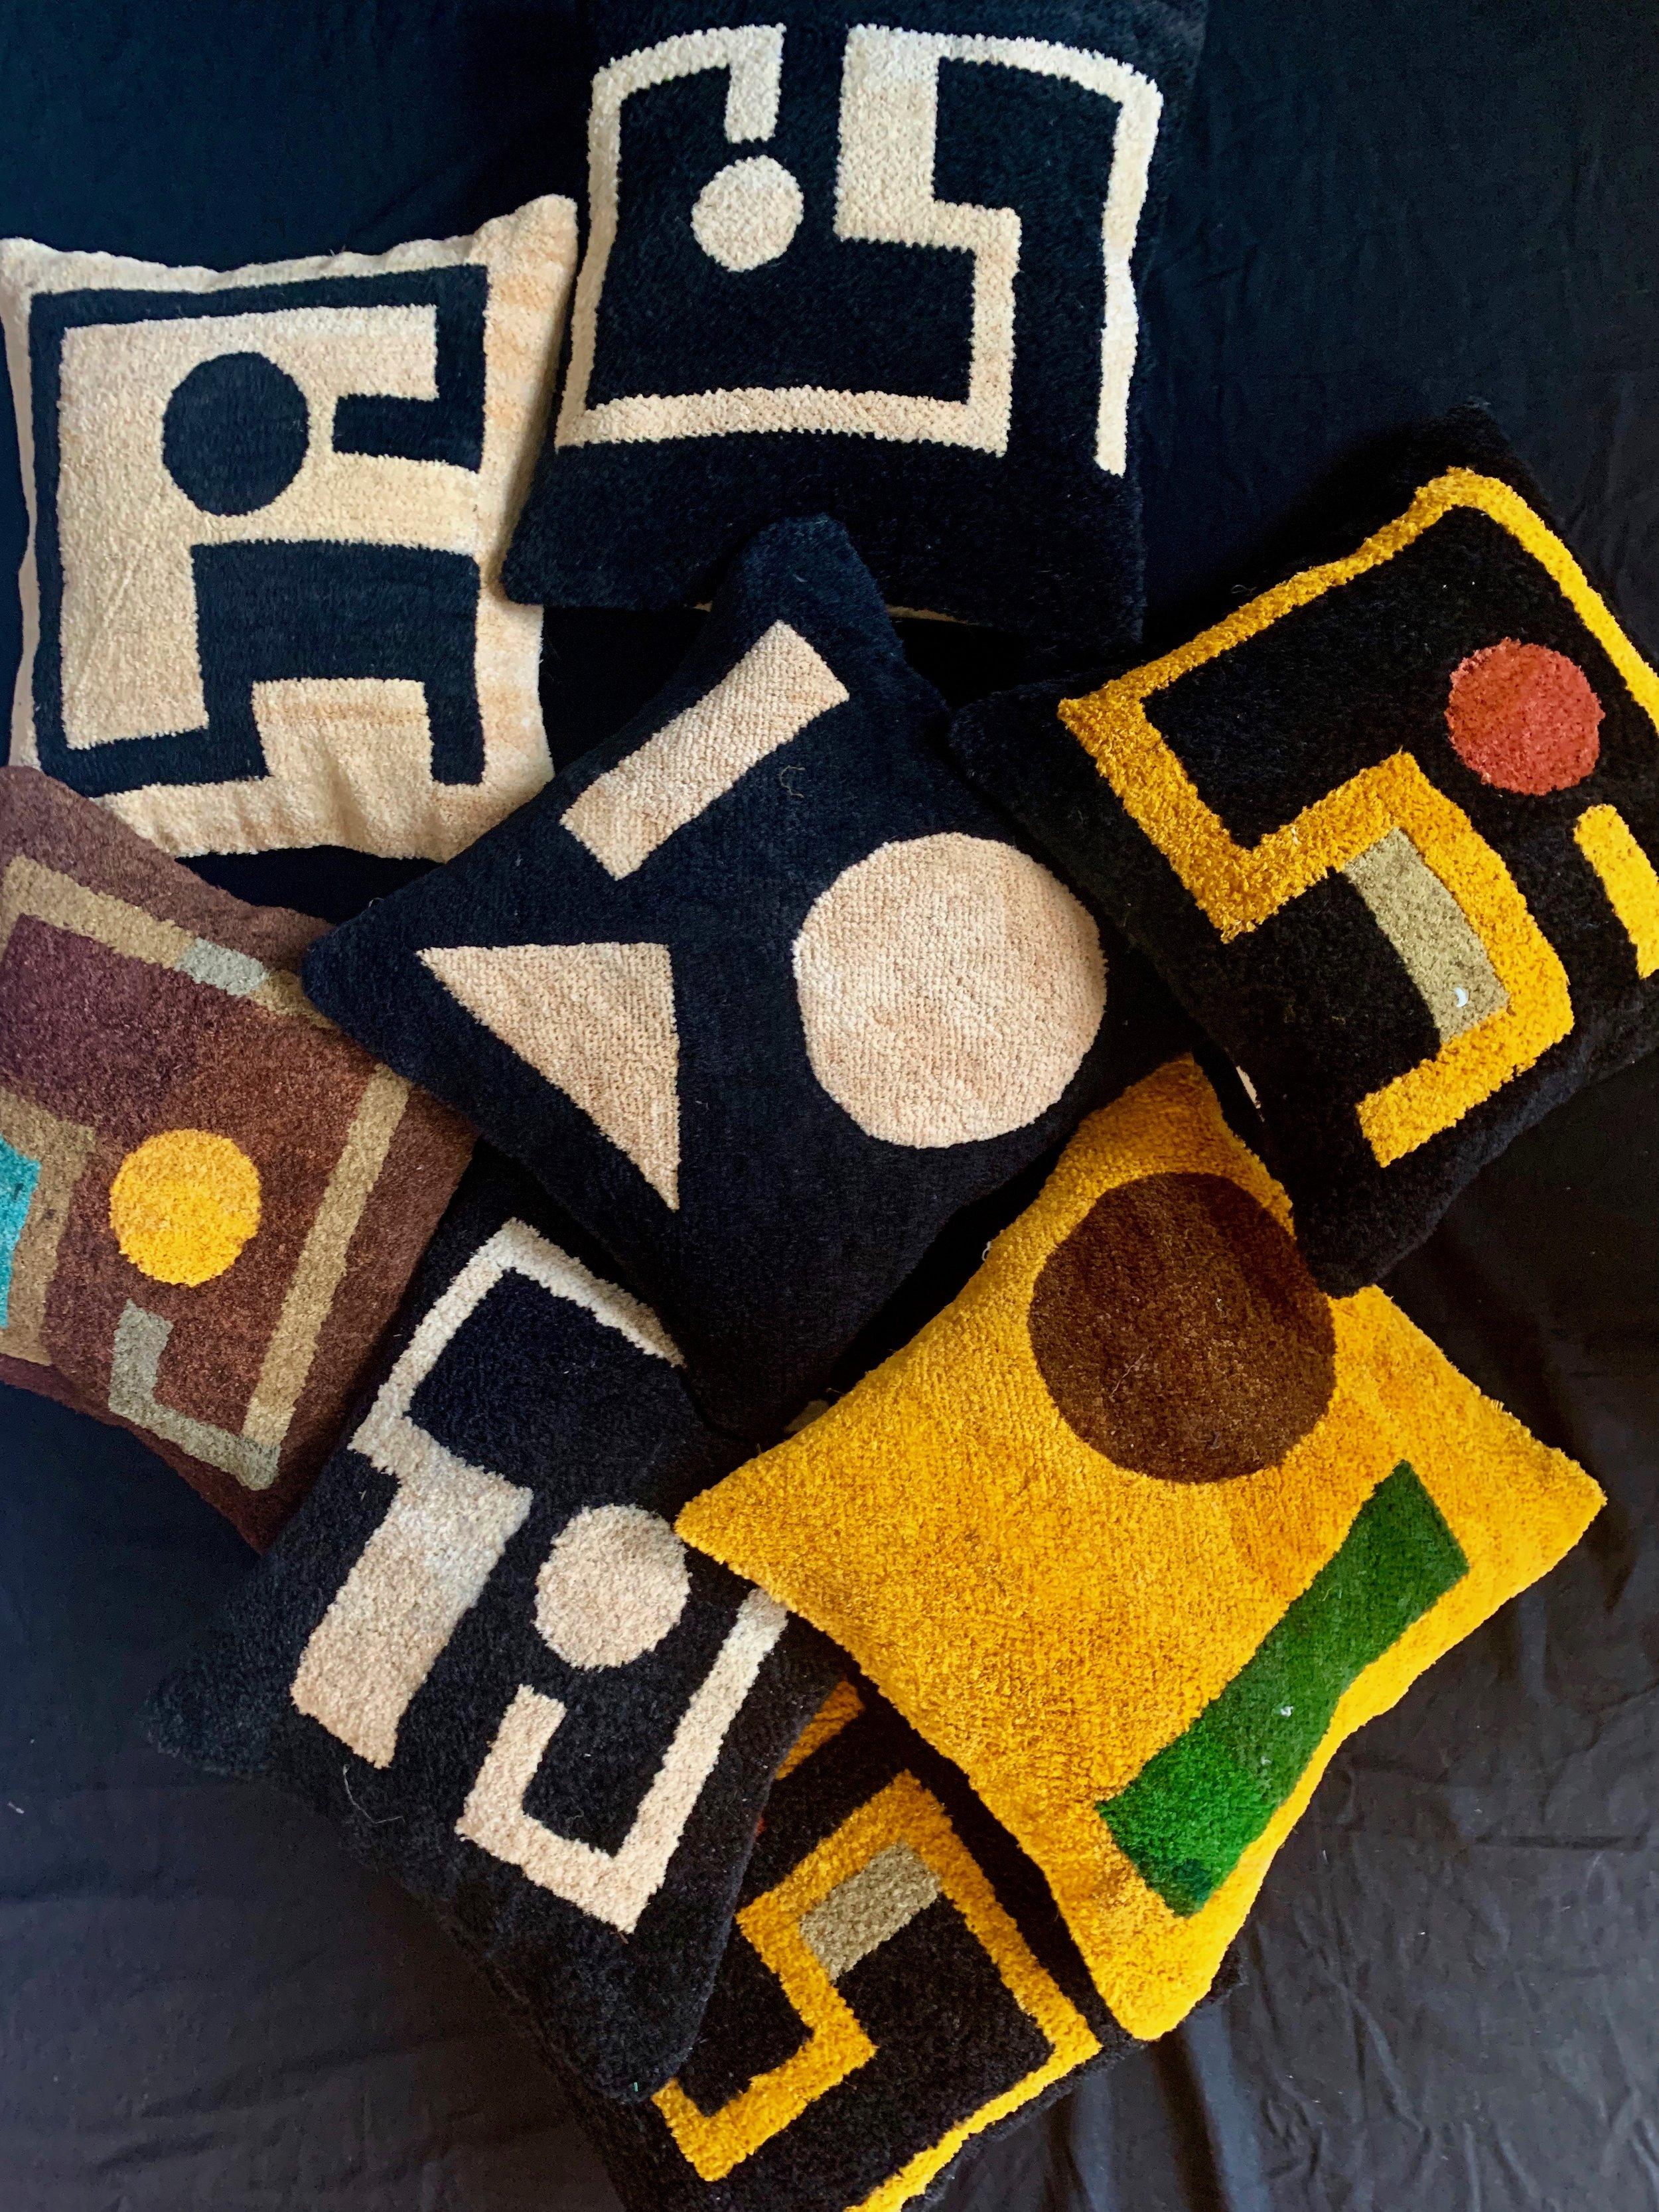 Mandombe cushions